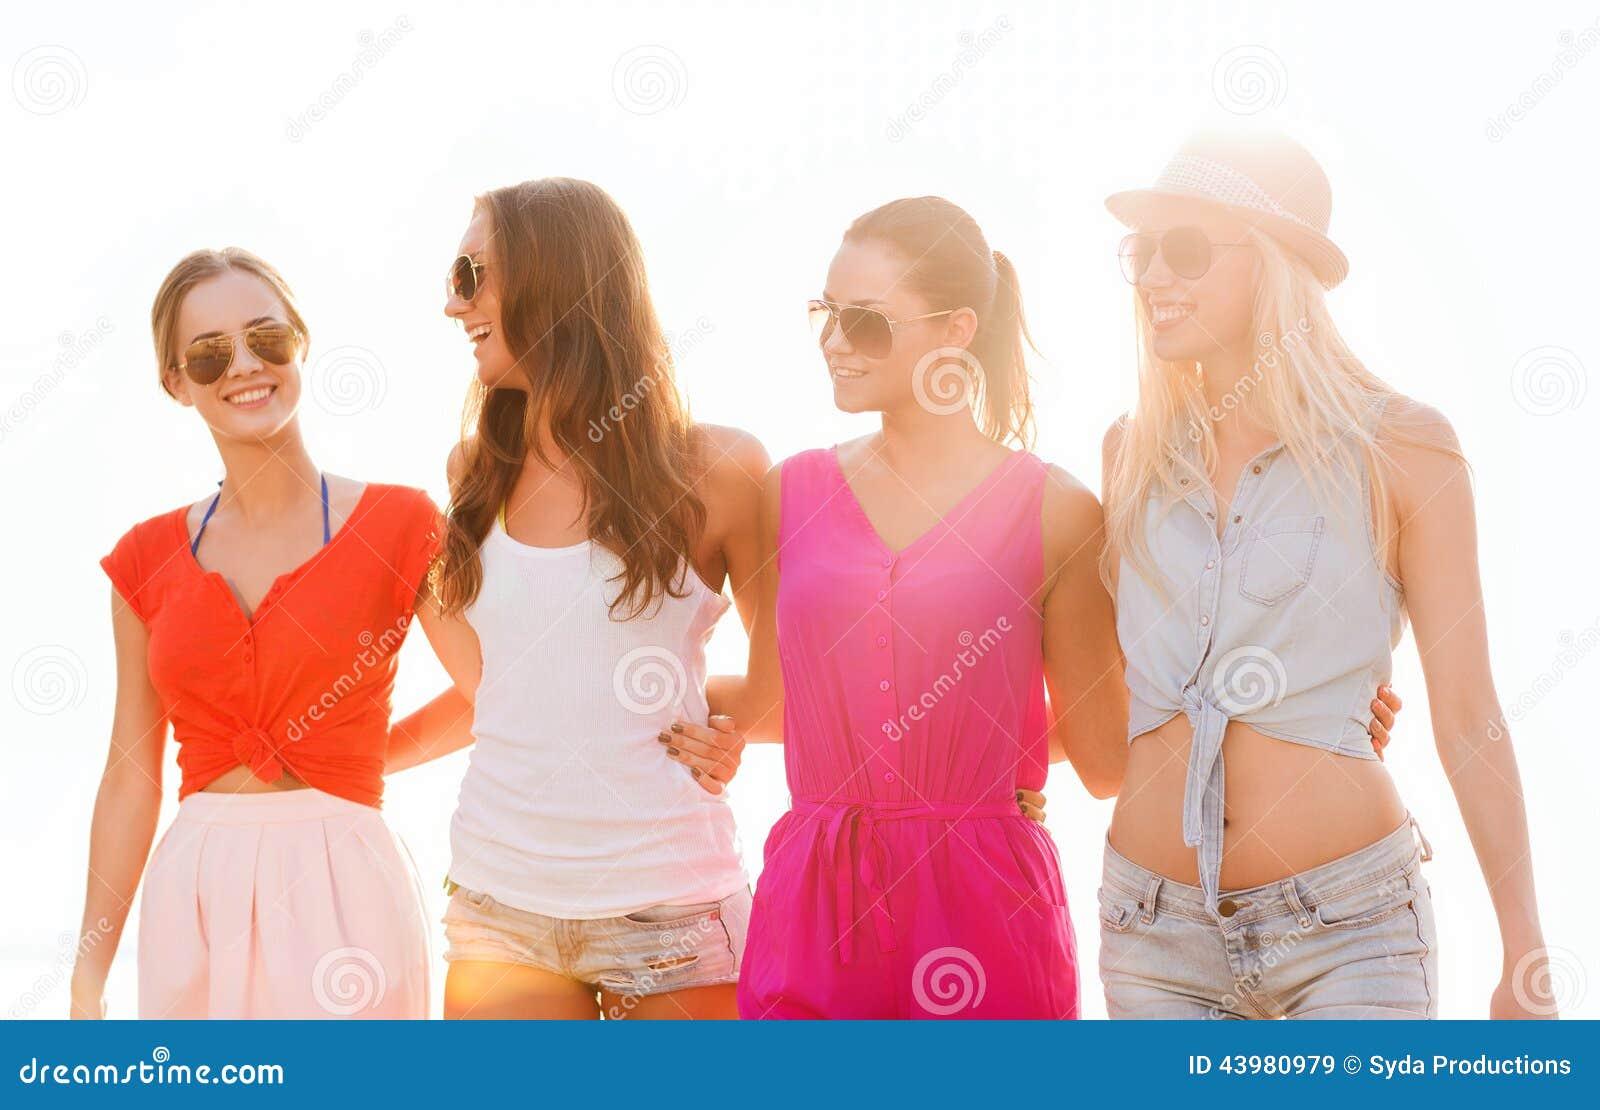 Petits et grands voyages entre filles - Voyage